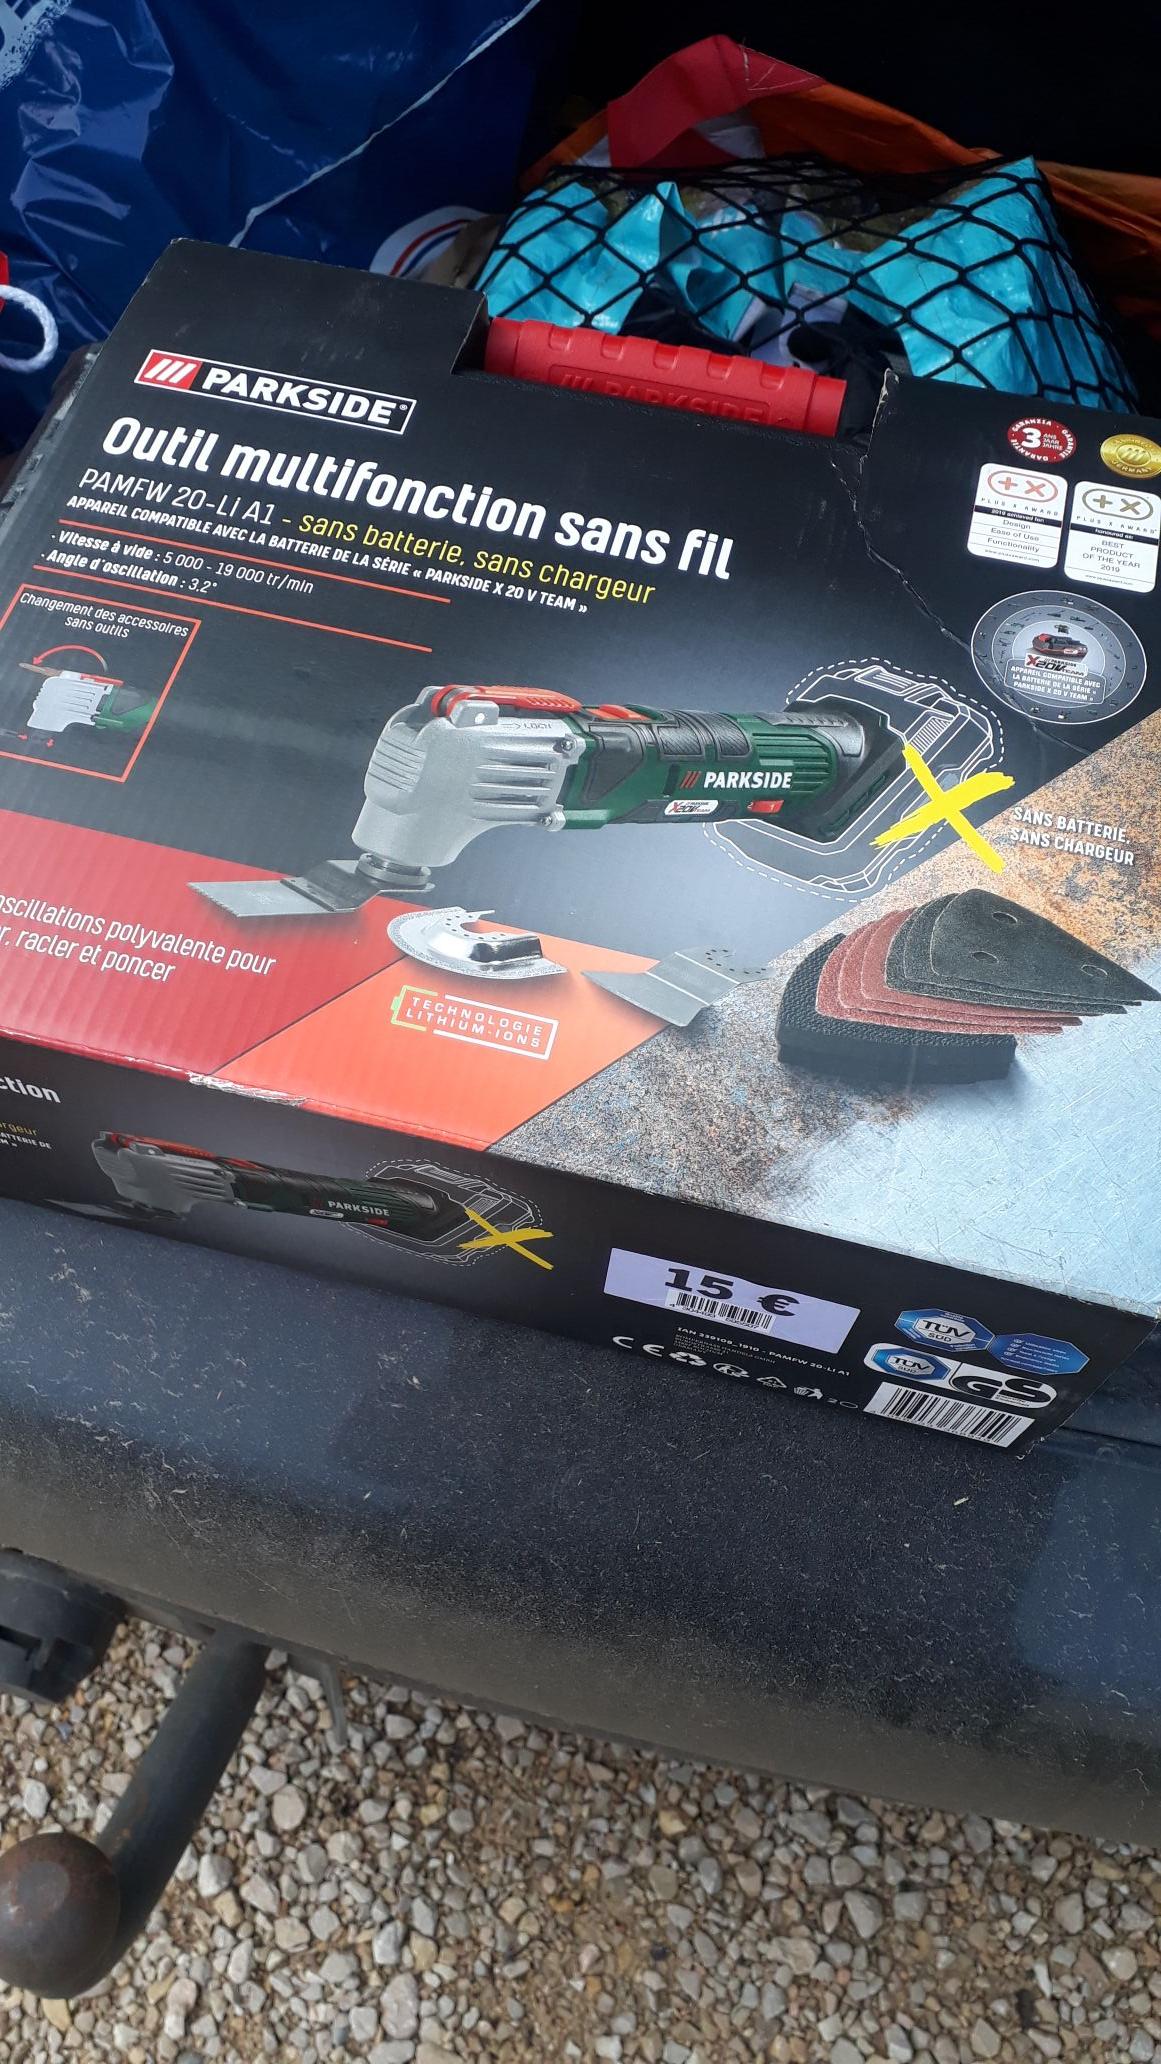 Outil multifonction sans fil Parkside PAMFW 20-LI A1 (Sans batterie, ni chargeur) - La Tour du Pin (38)